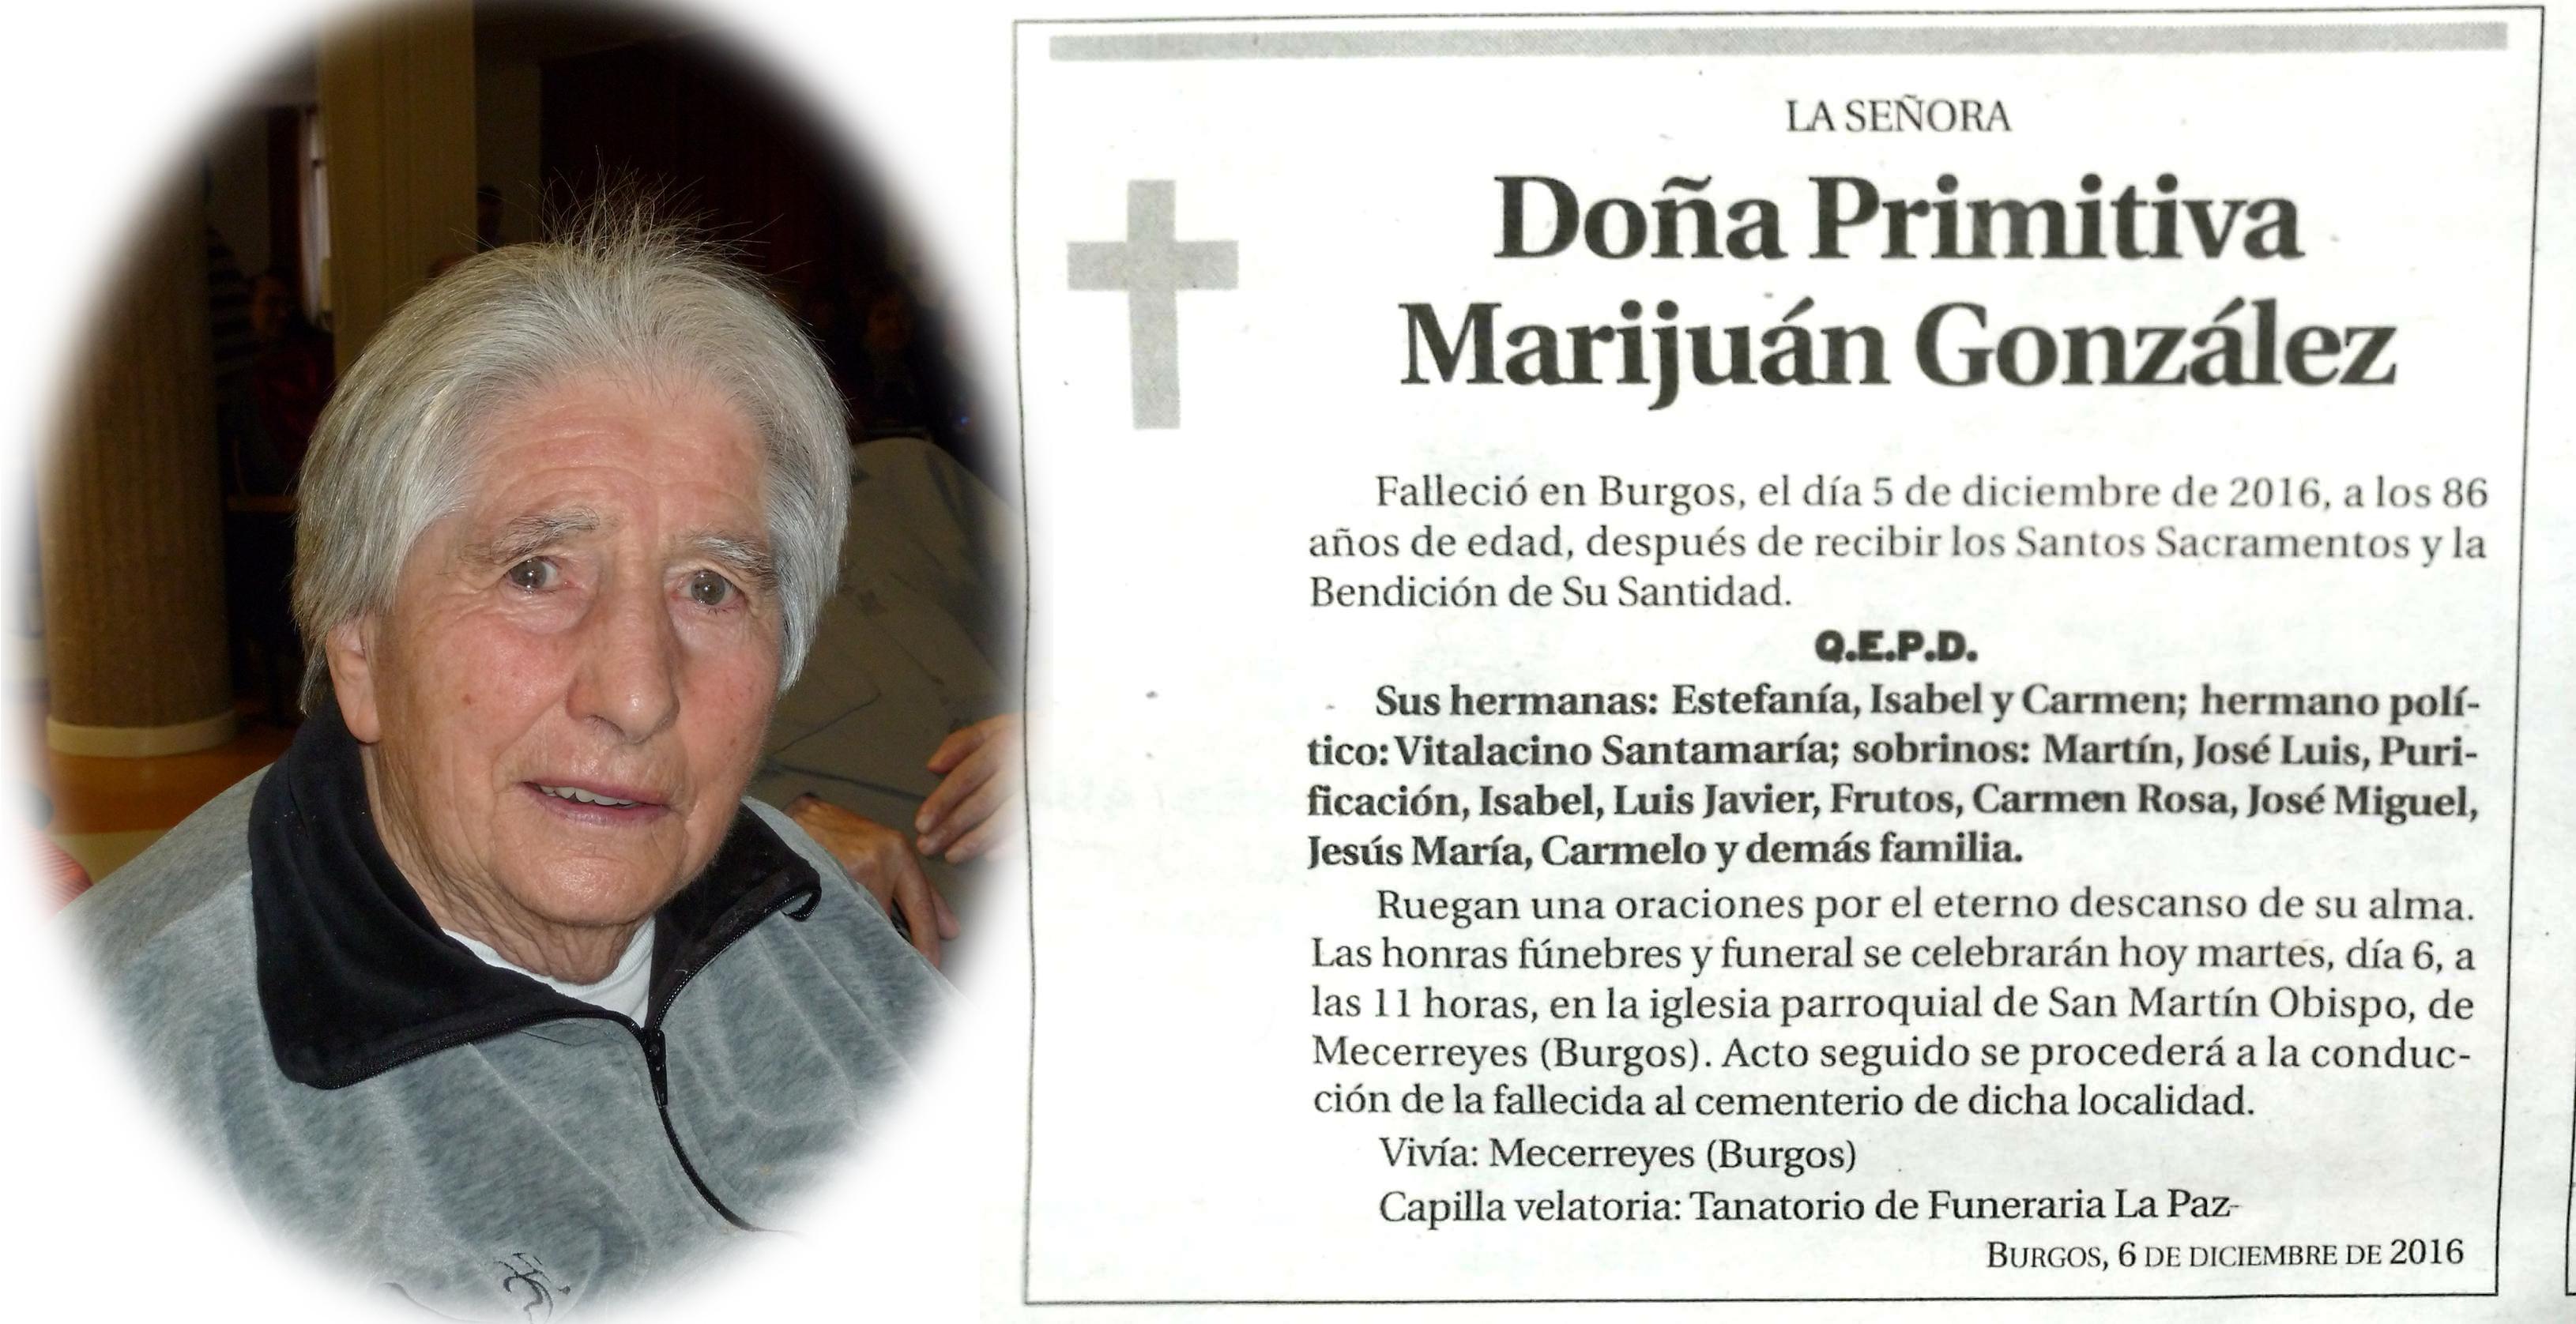 Esquela Primi Marijuan González, falleció el 5 de diciembre de 2016